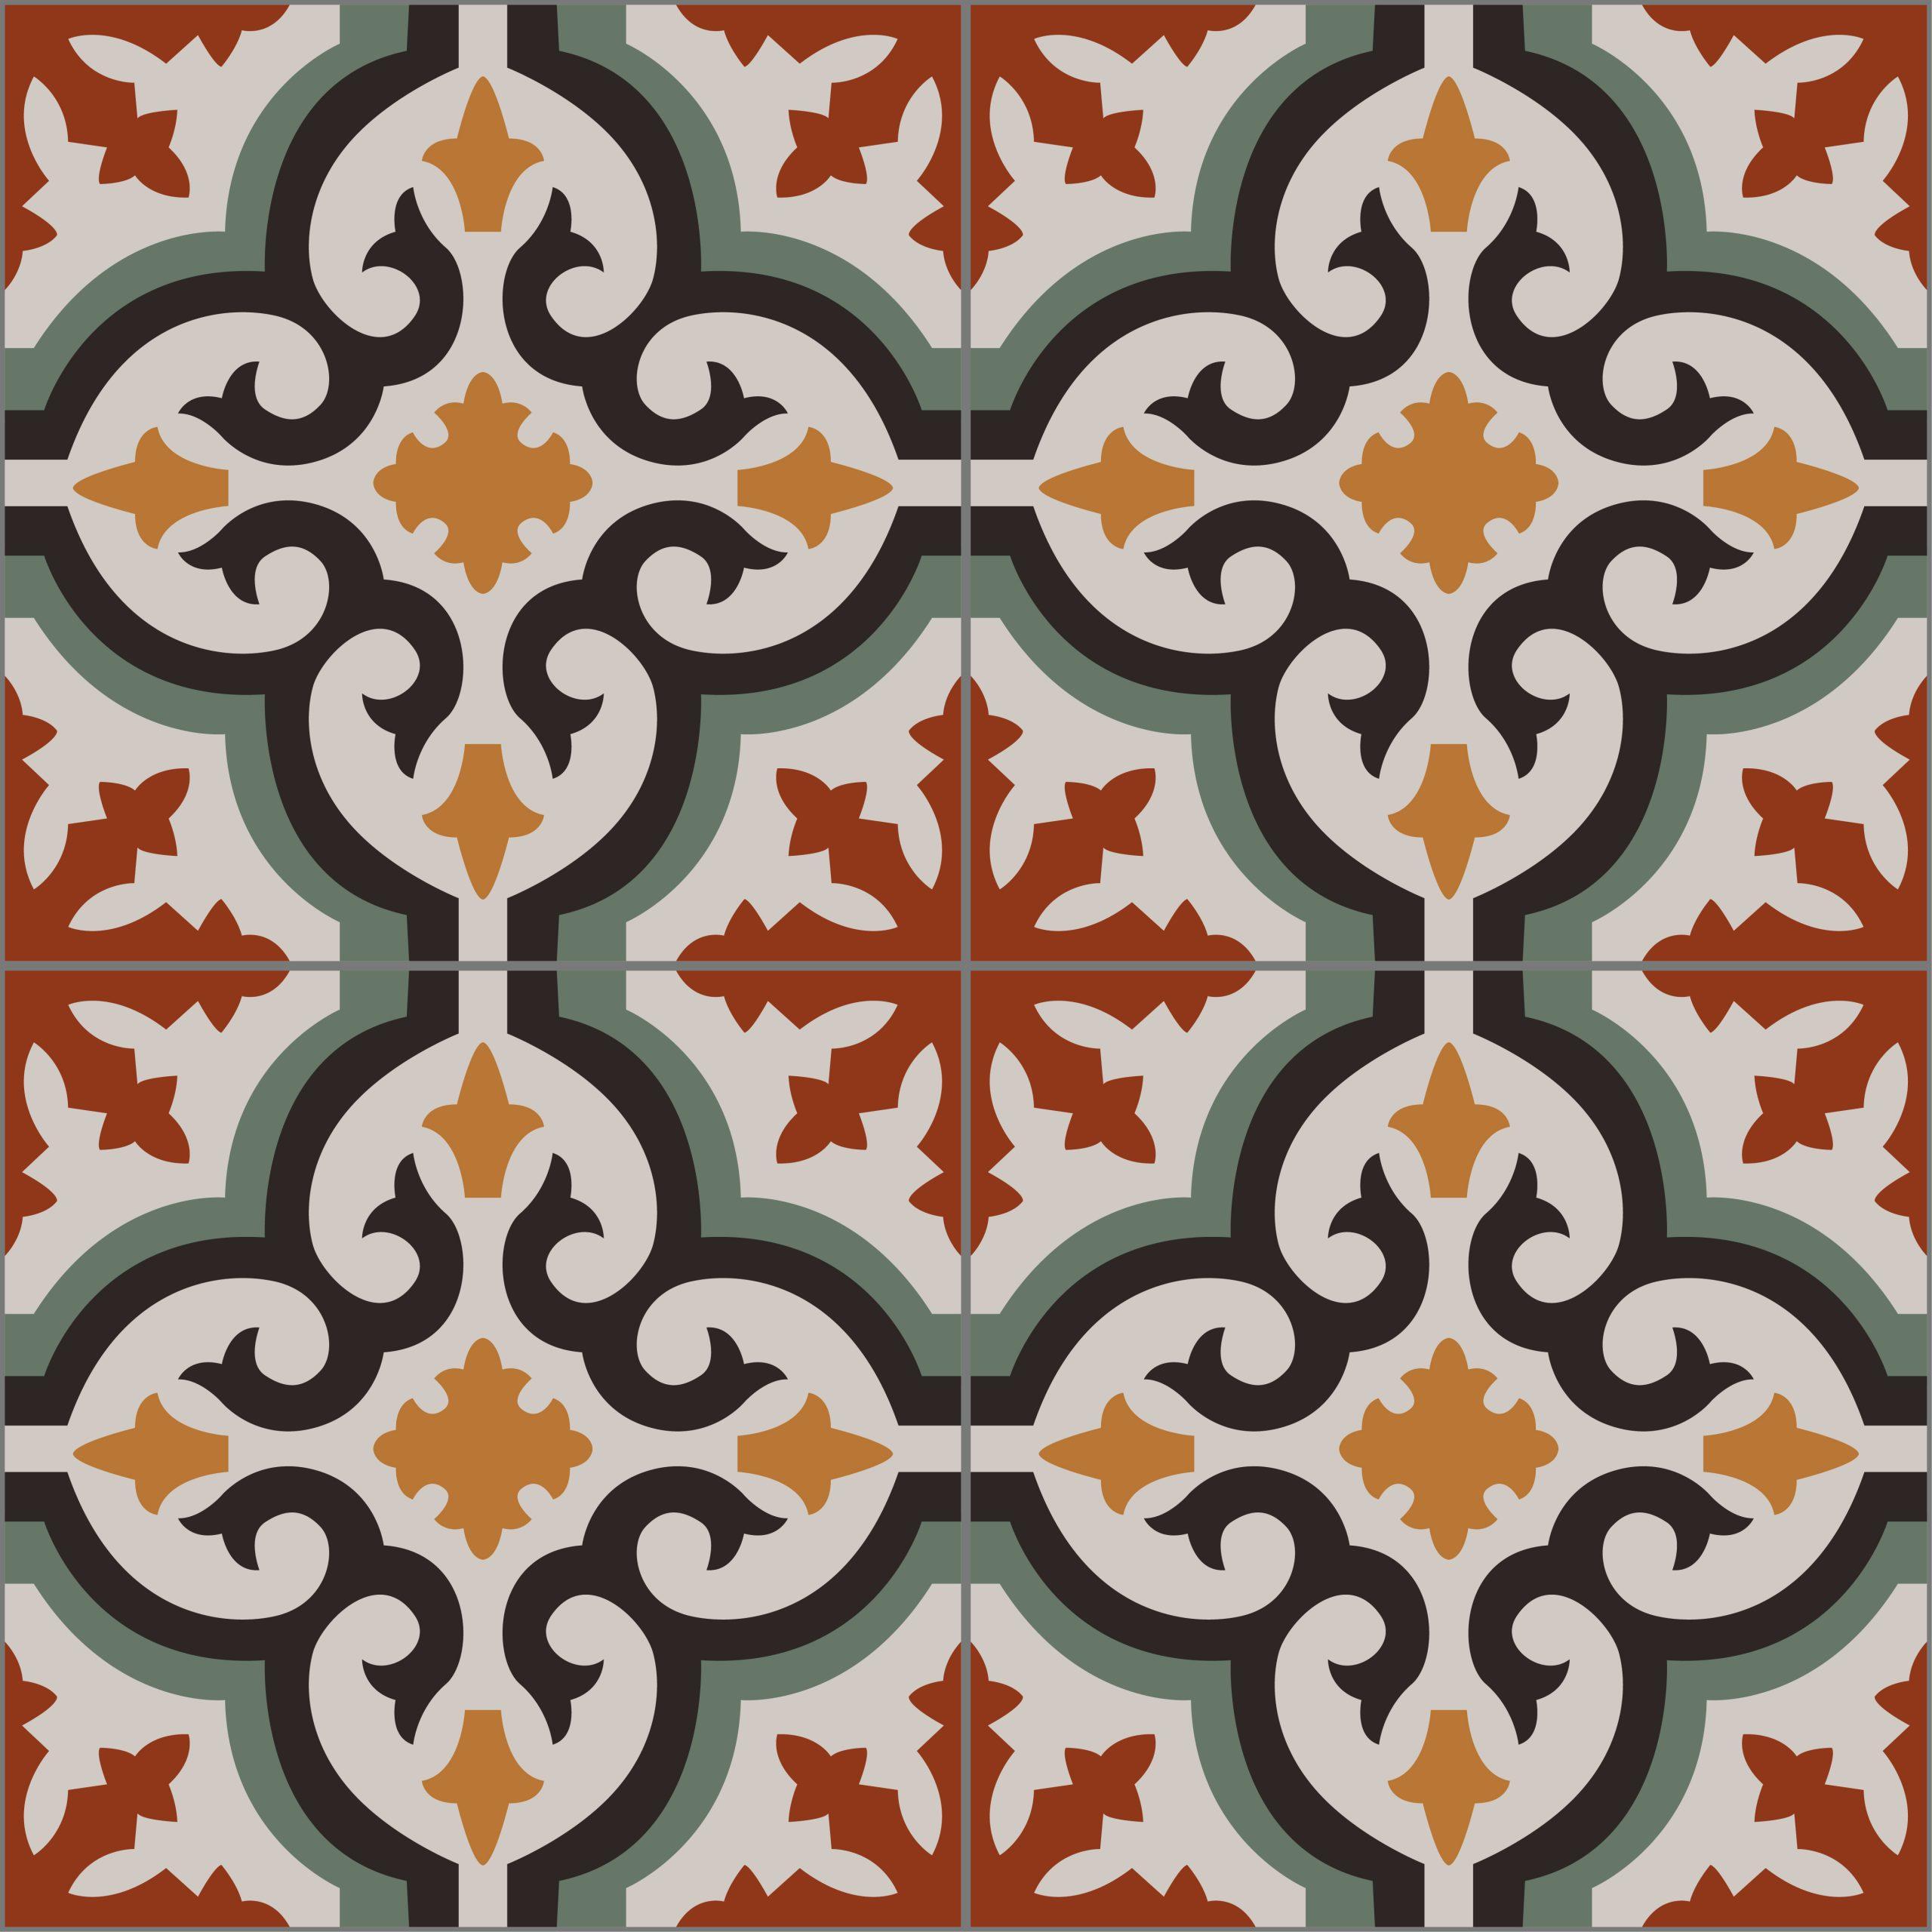 Shabby Chic Floors – Reclaimed Wood Flooring & Tiles